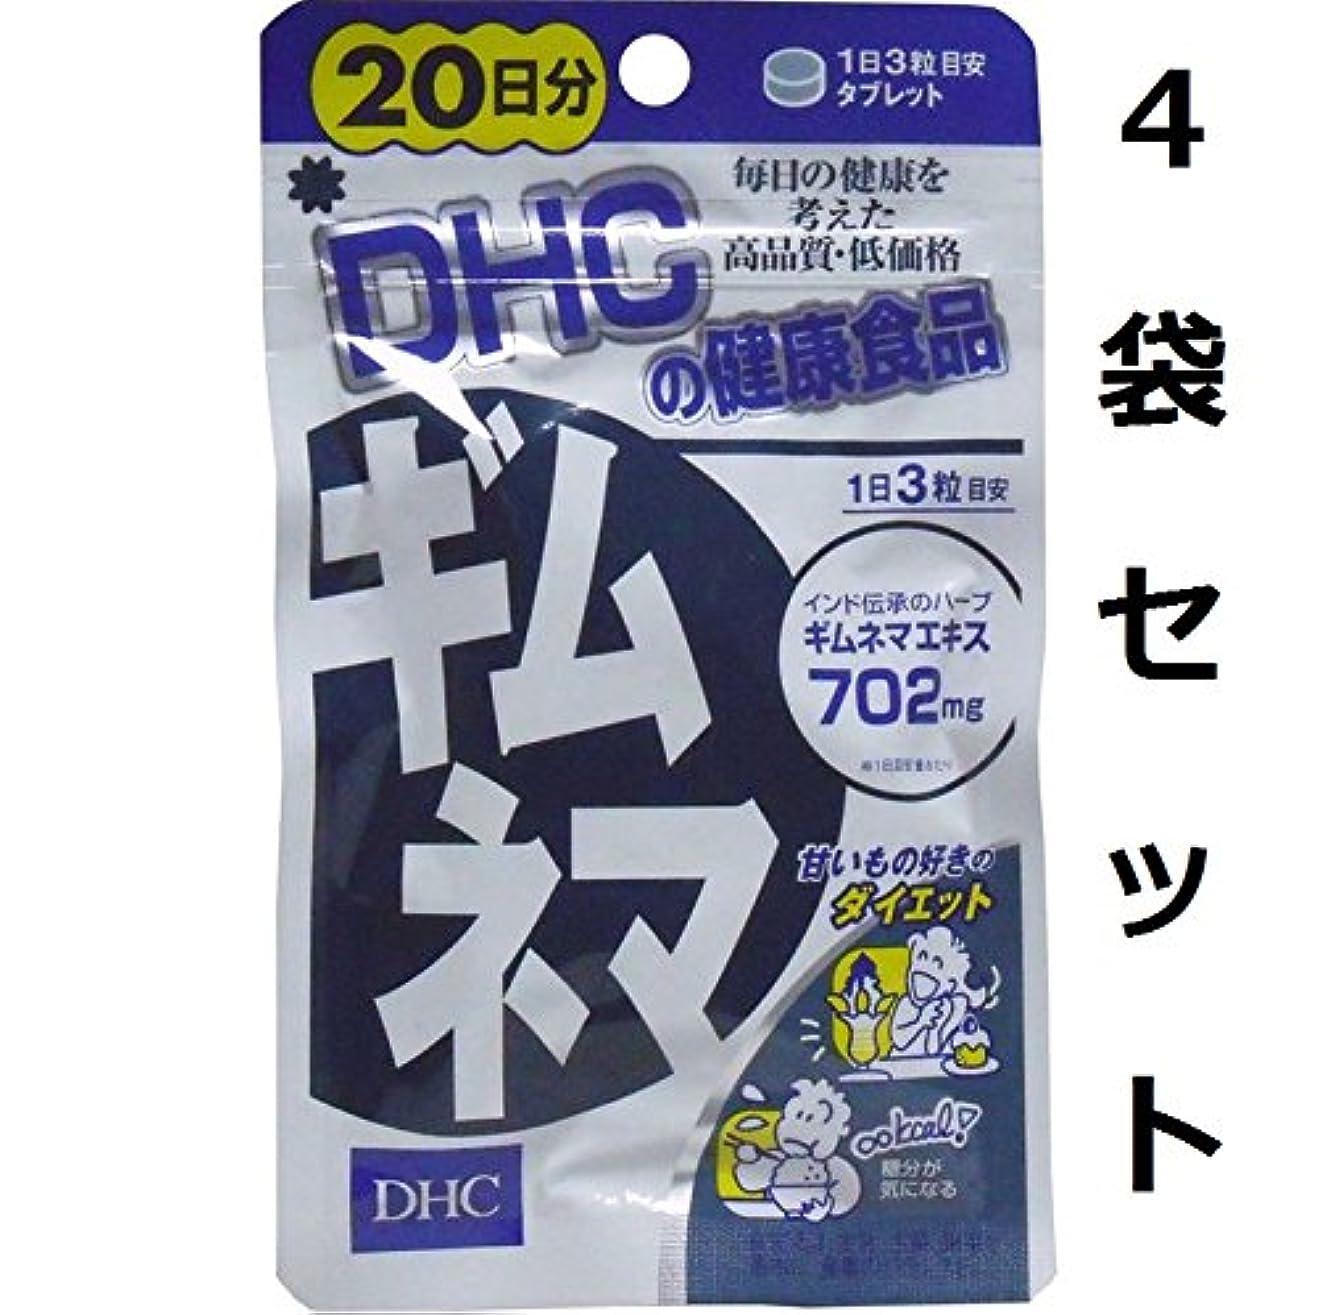 マサッチョ症状印象派我慢せずに余分な糖分をブロック DHC ギムネマ 20日分 60粒 4袋セット